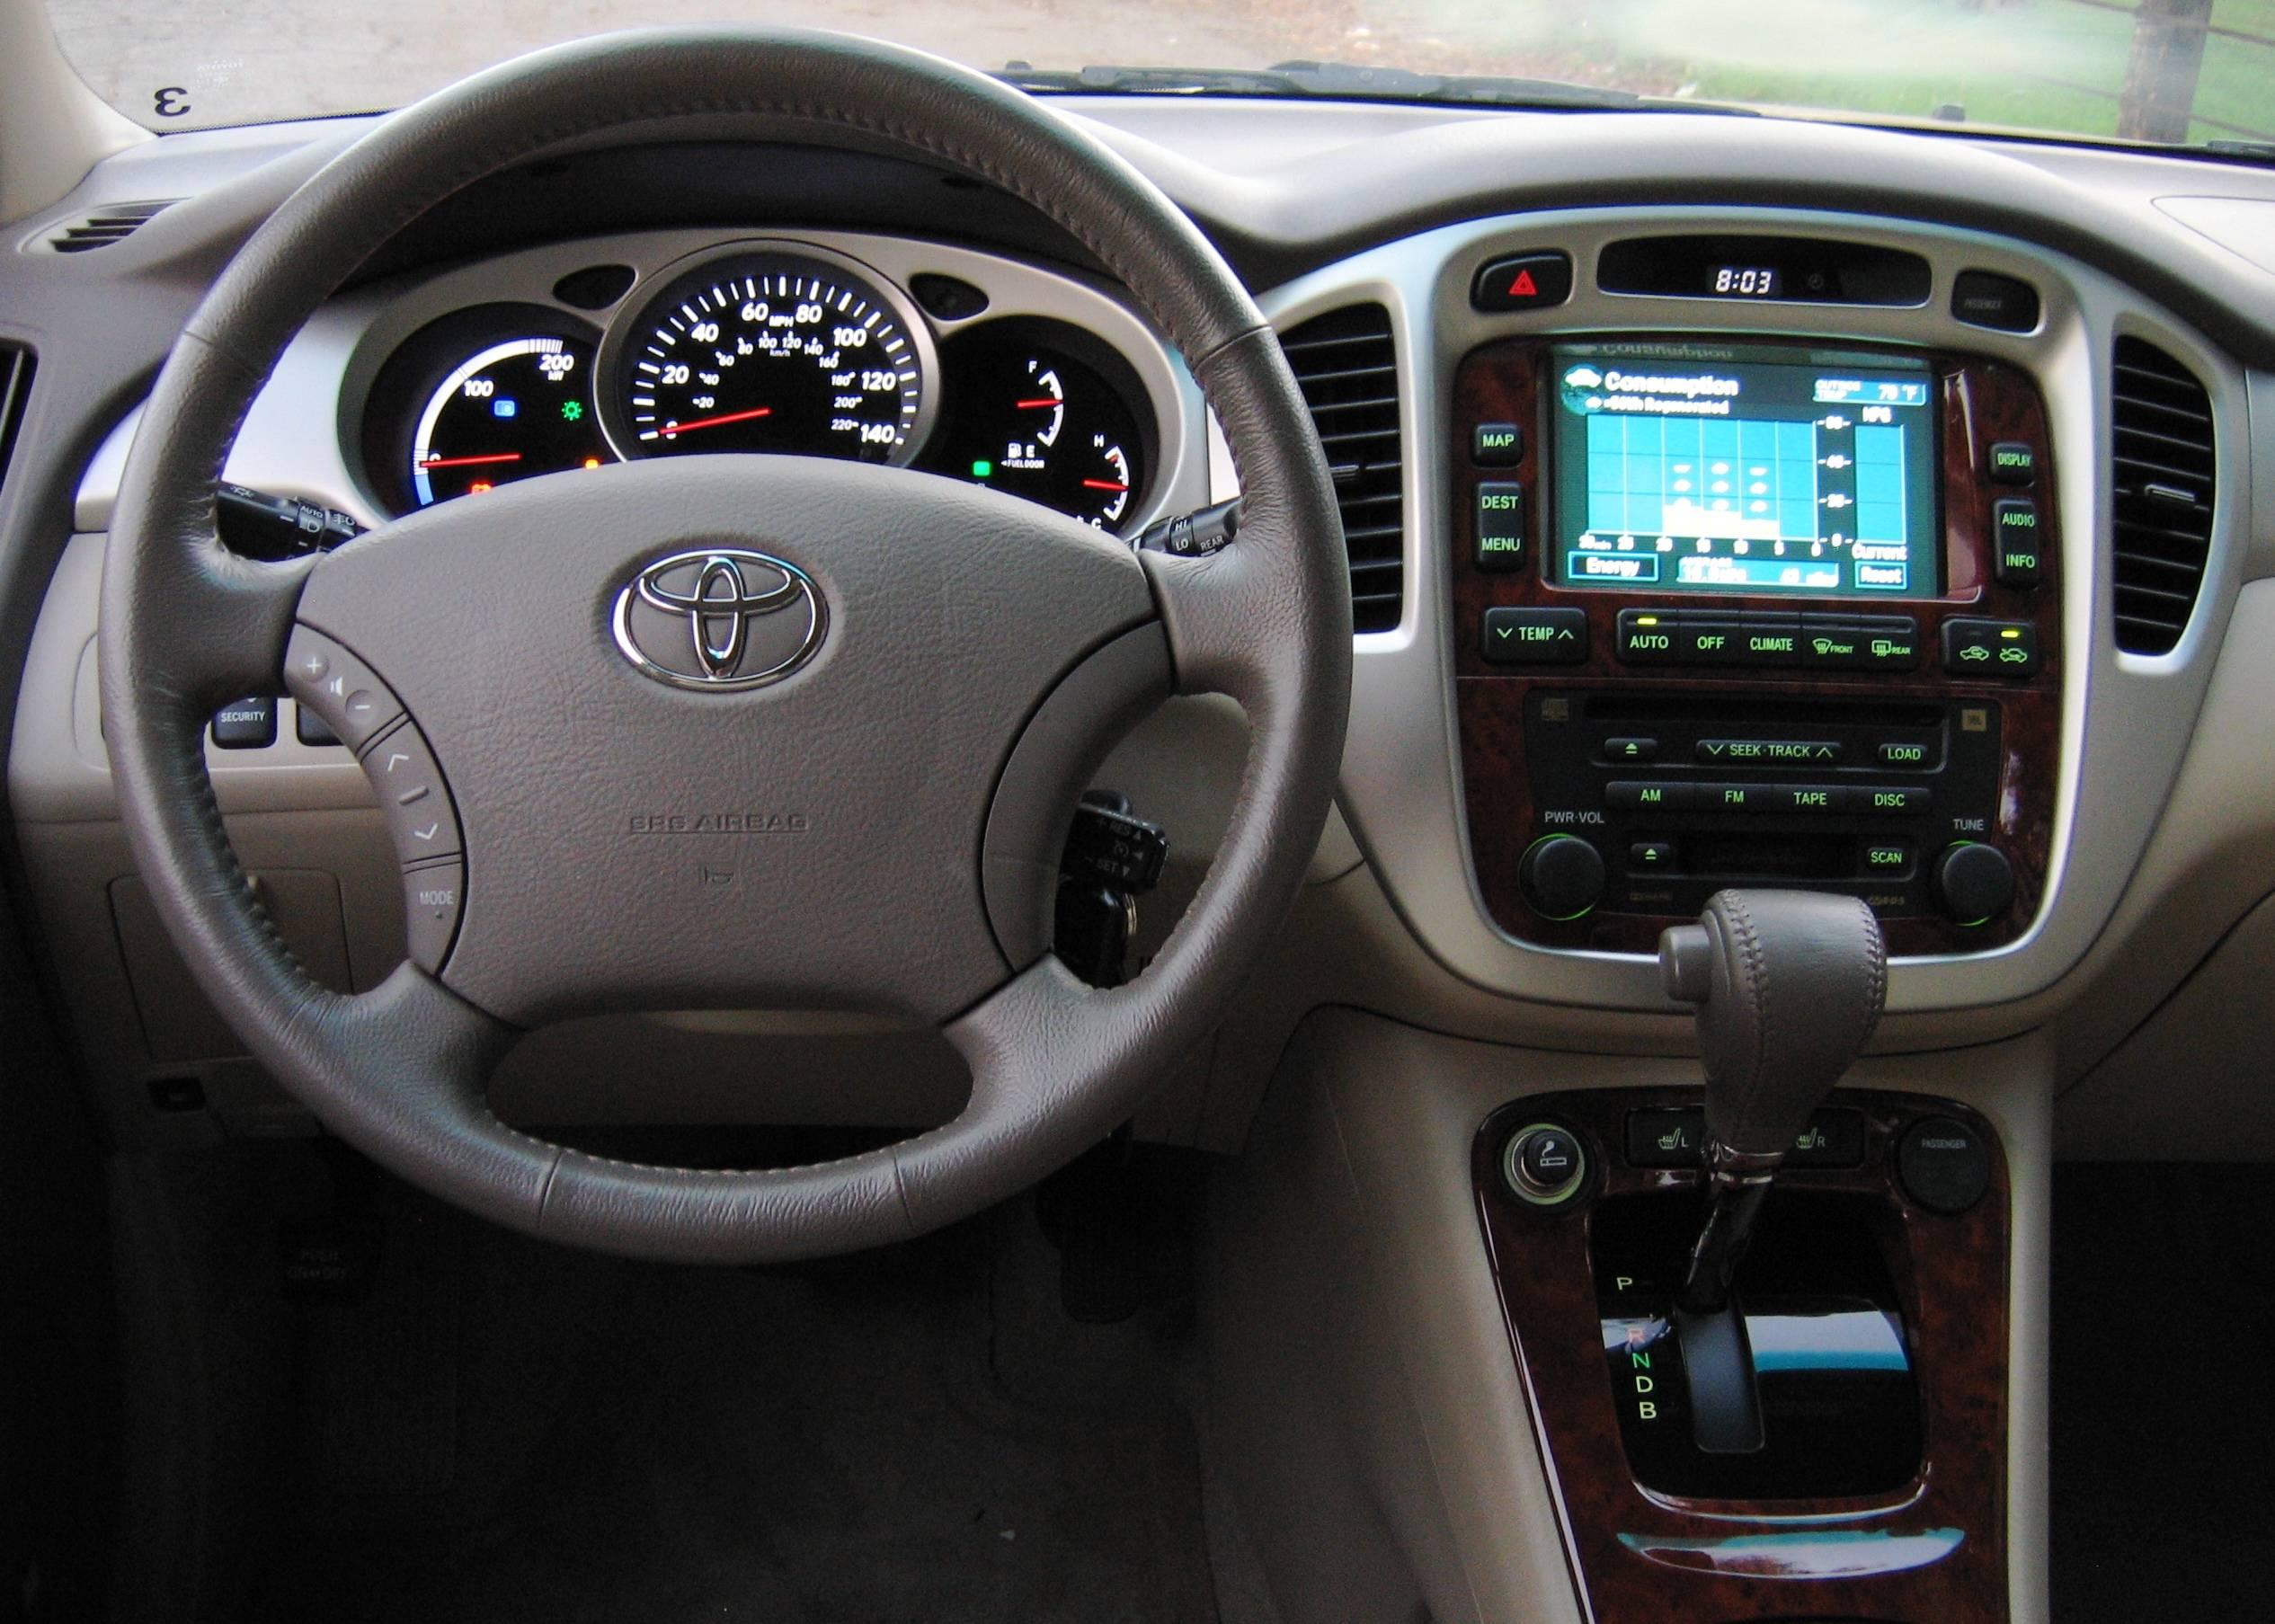 Toyota Highlander Hybrid Interior Toyota Highlander Hybrid Interior Gallery Moibibiki 3 Toyota